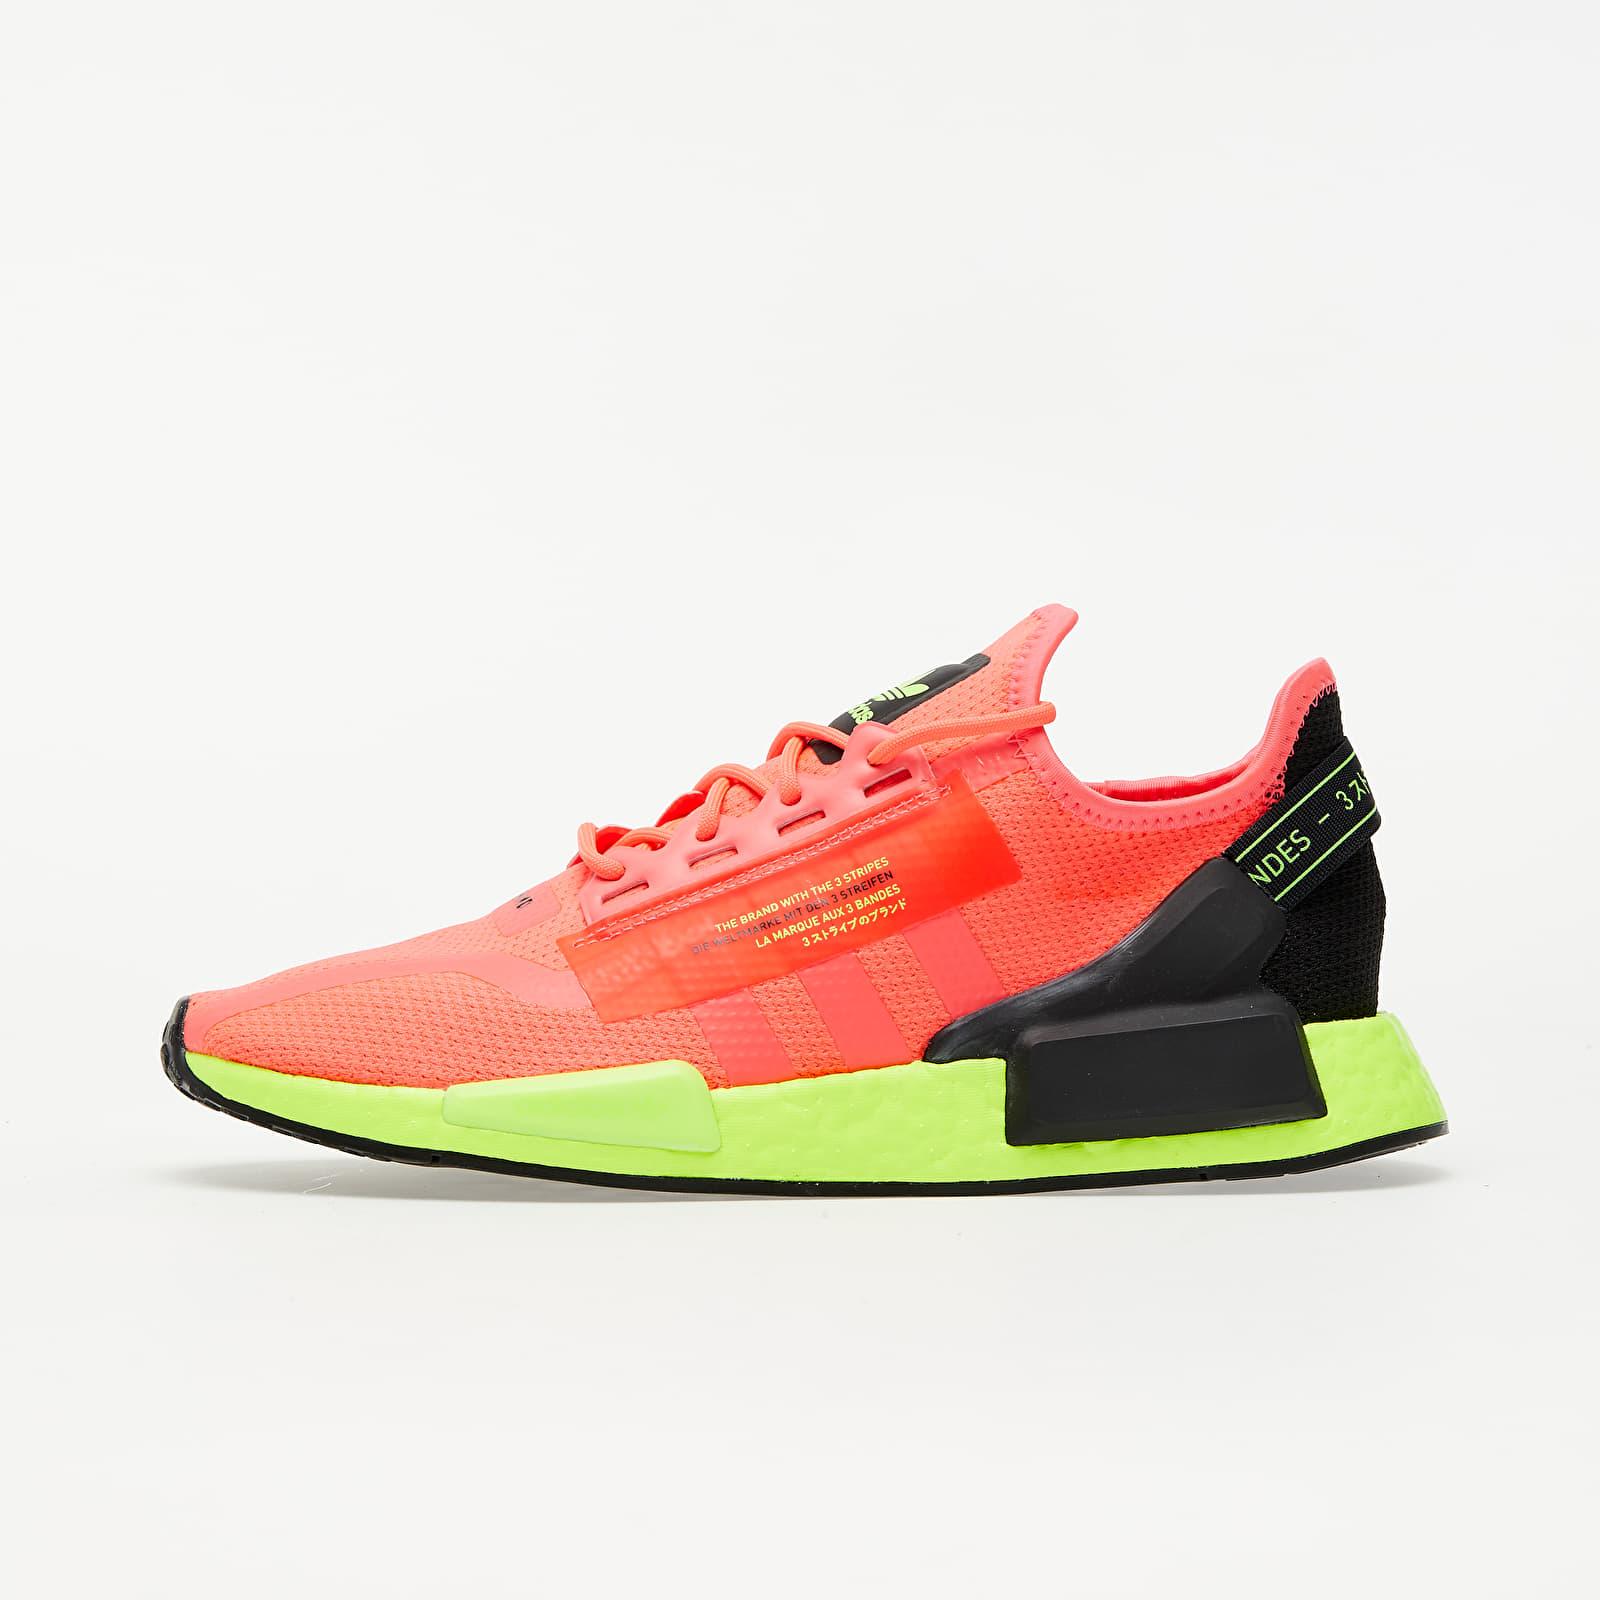 Pánske tenisky a topánky adidas NMD_R1.V2 Signature Pink/ Signature Pink/ Signature Green